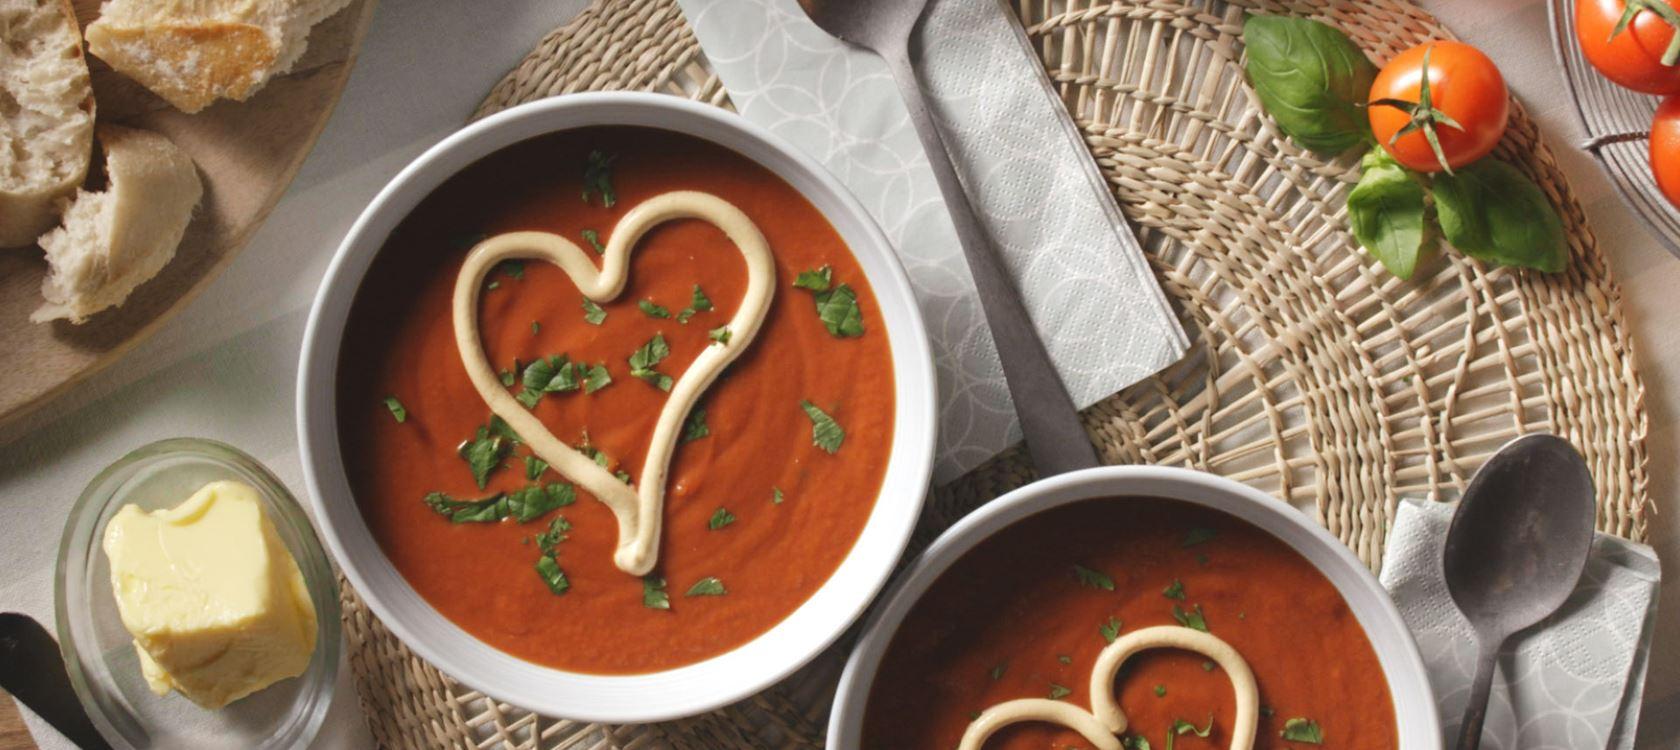 Tomaten-Paprika-Suppe mit Arla Buko® Tomate & Mediterrane Kräuter